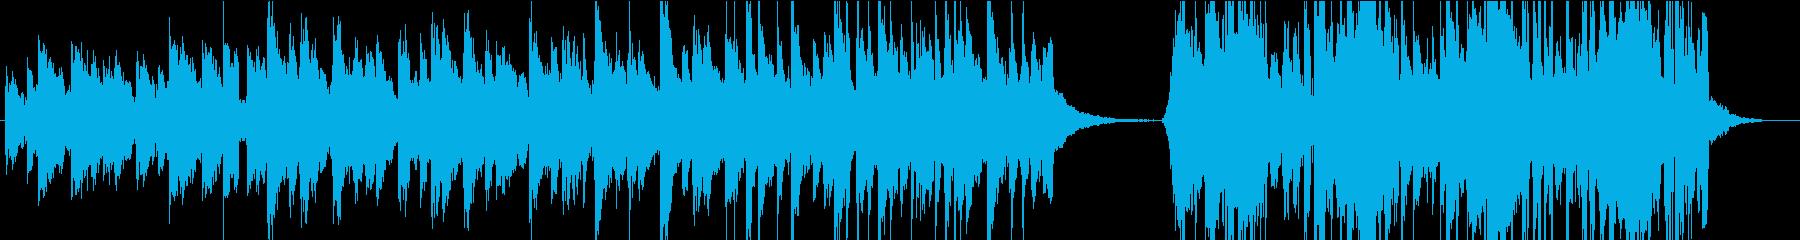 実験的な ゆっくり 魅惑 おしゃれ...の再生済みの波形